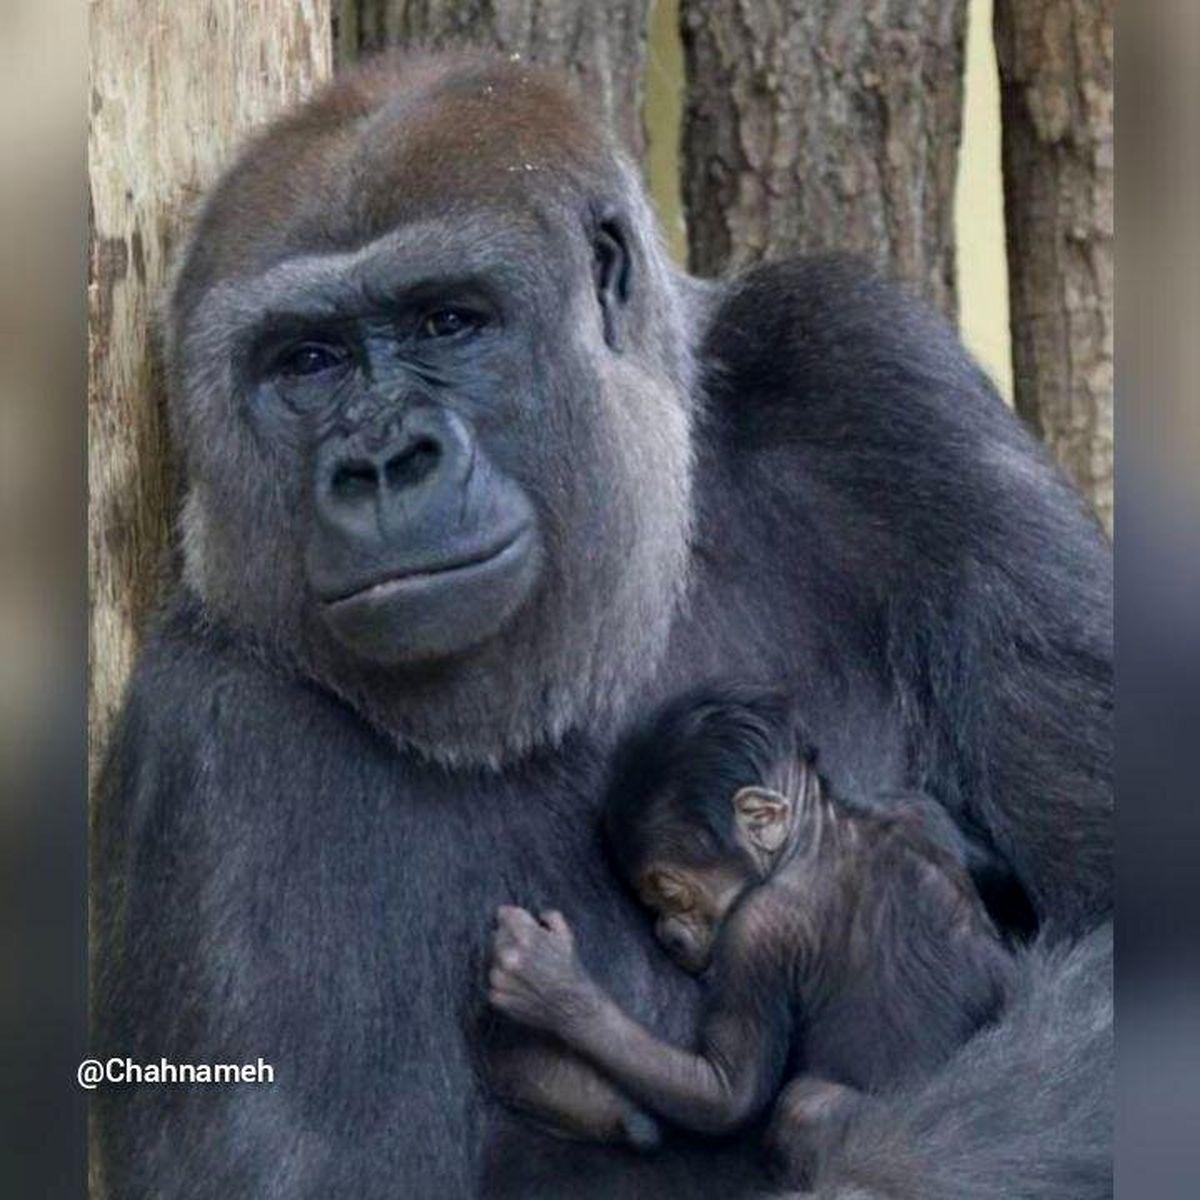 اولین بچه گوریل در باغوحش برلین بعد از ۱۶ سال متولد شد+عکس